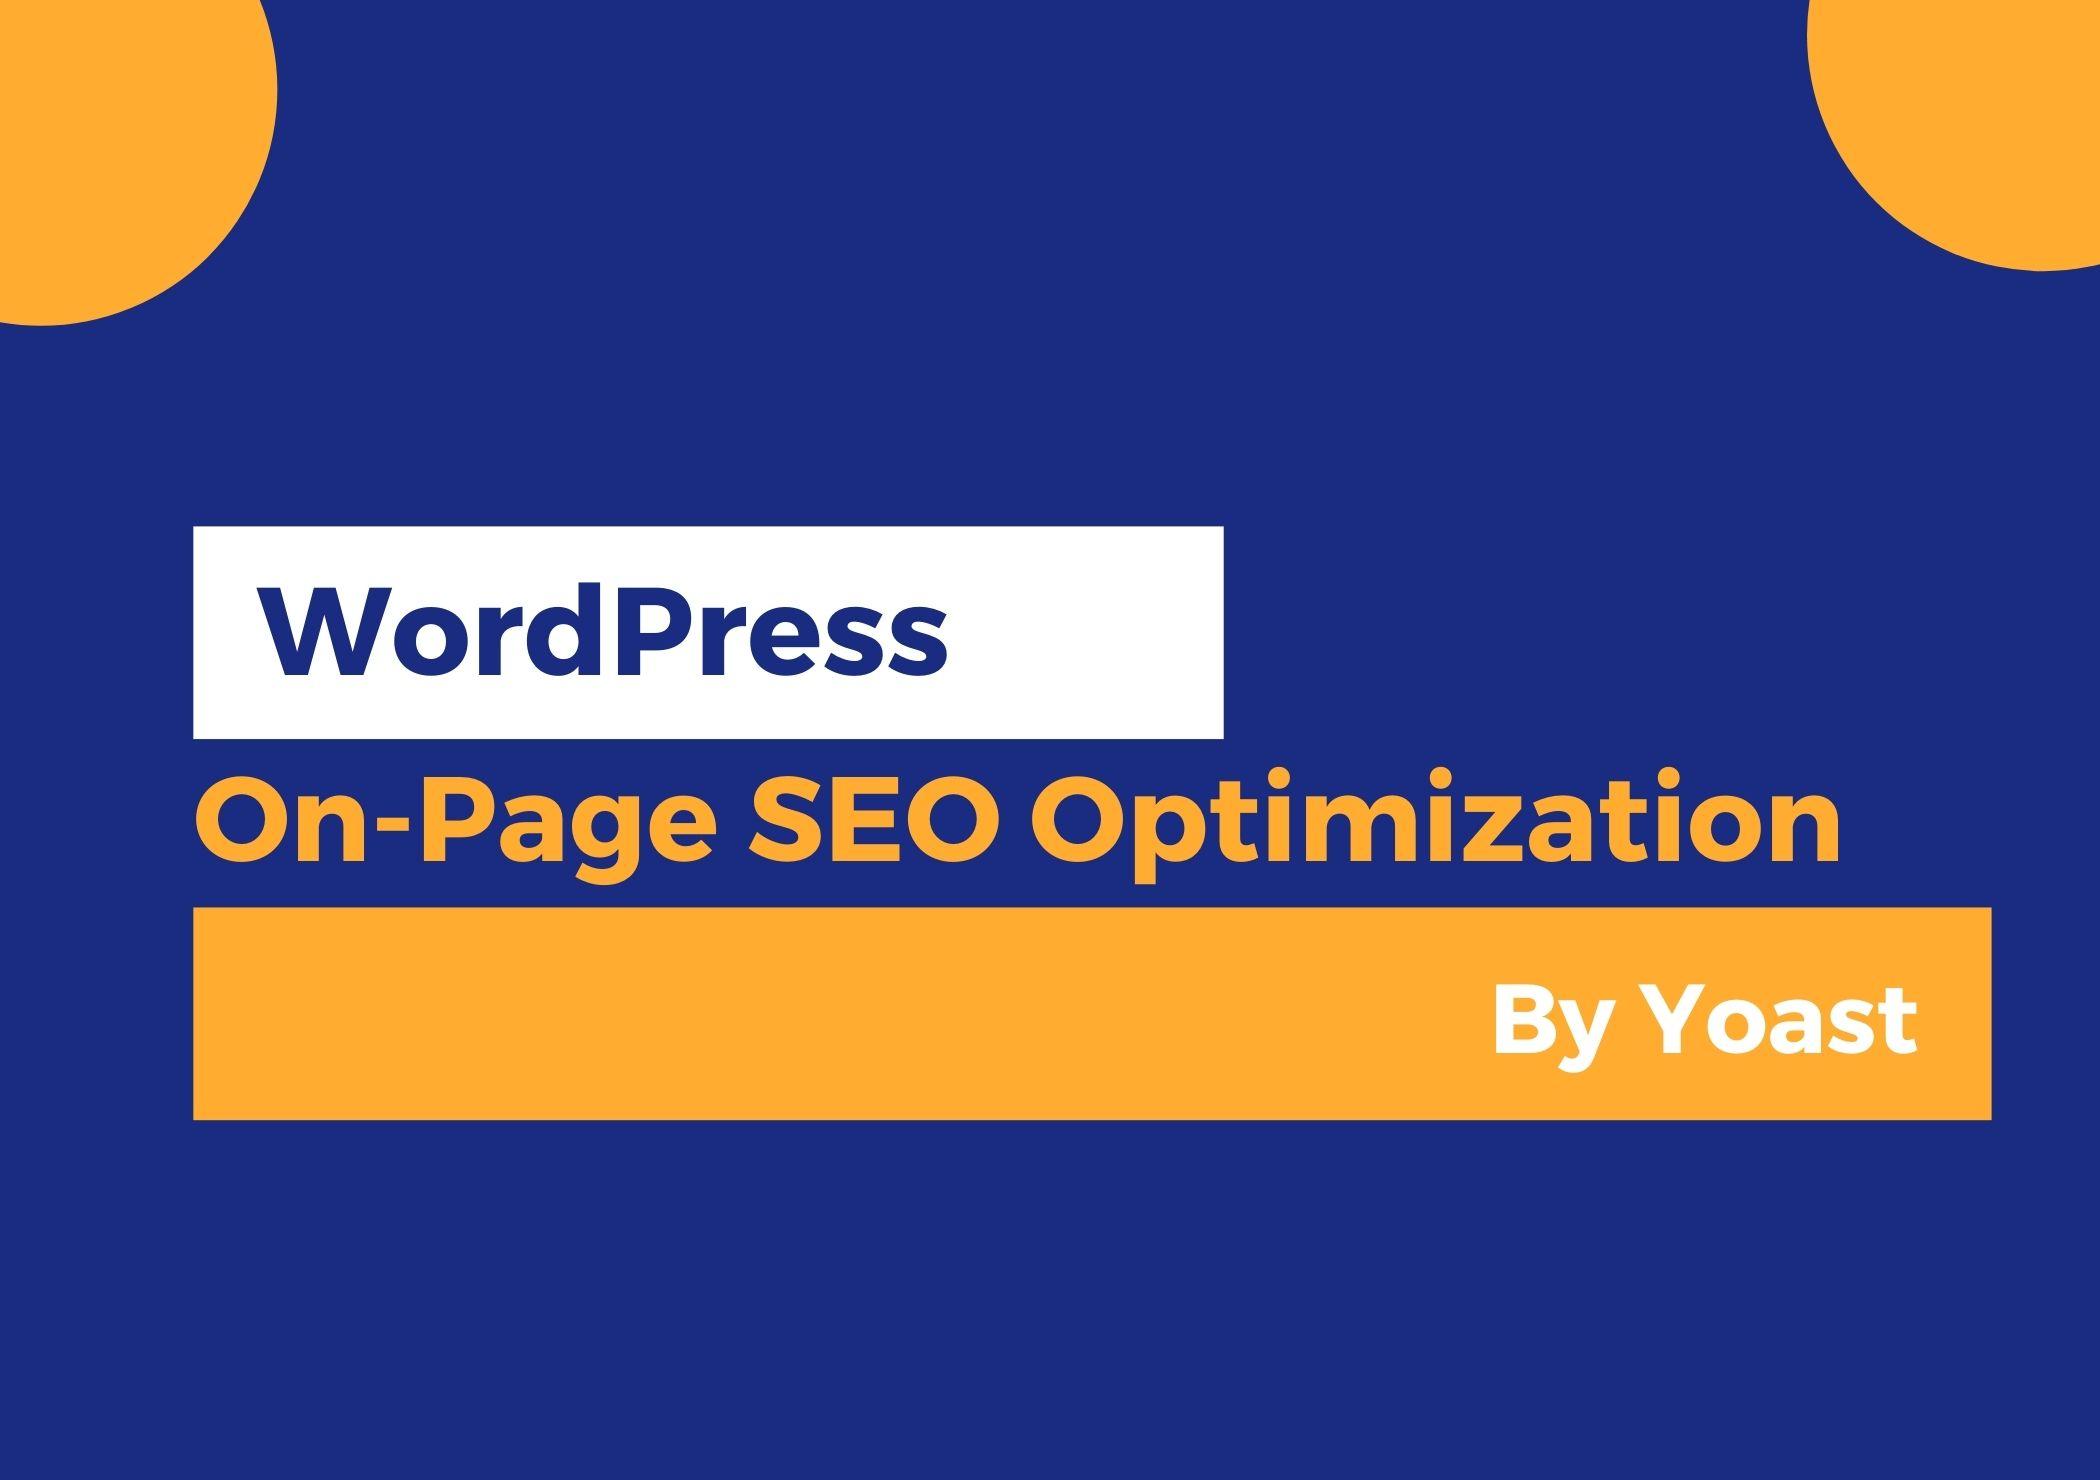 I will do WordPress Onpage SEO Optimization By Yoast